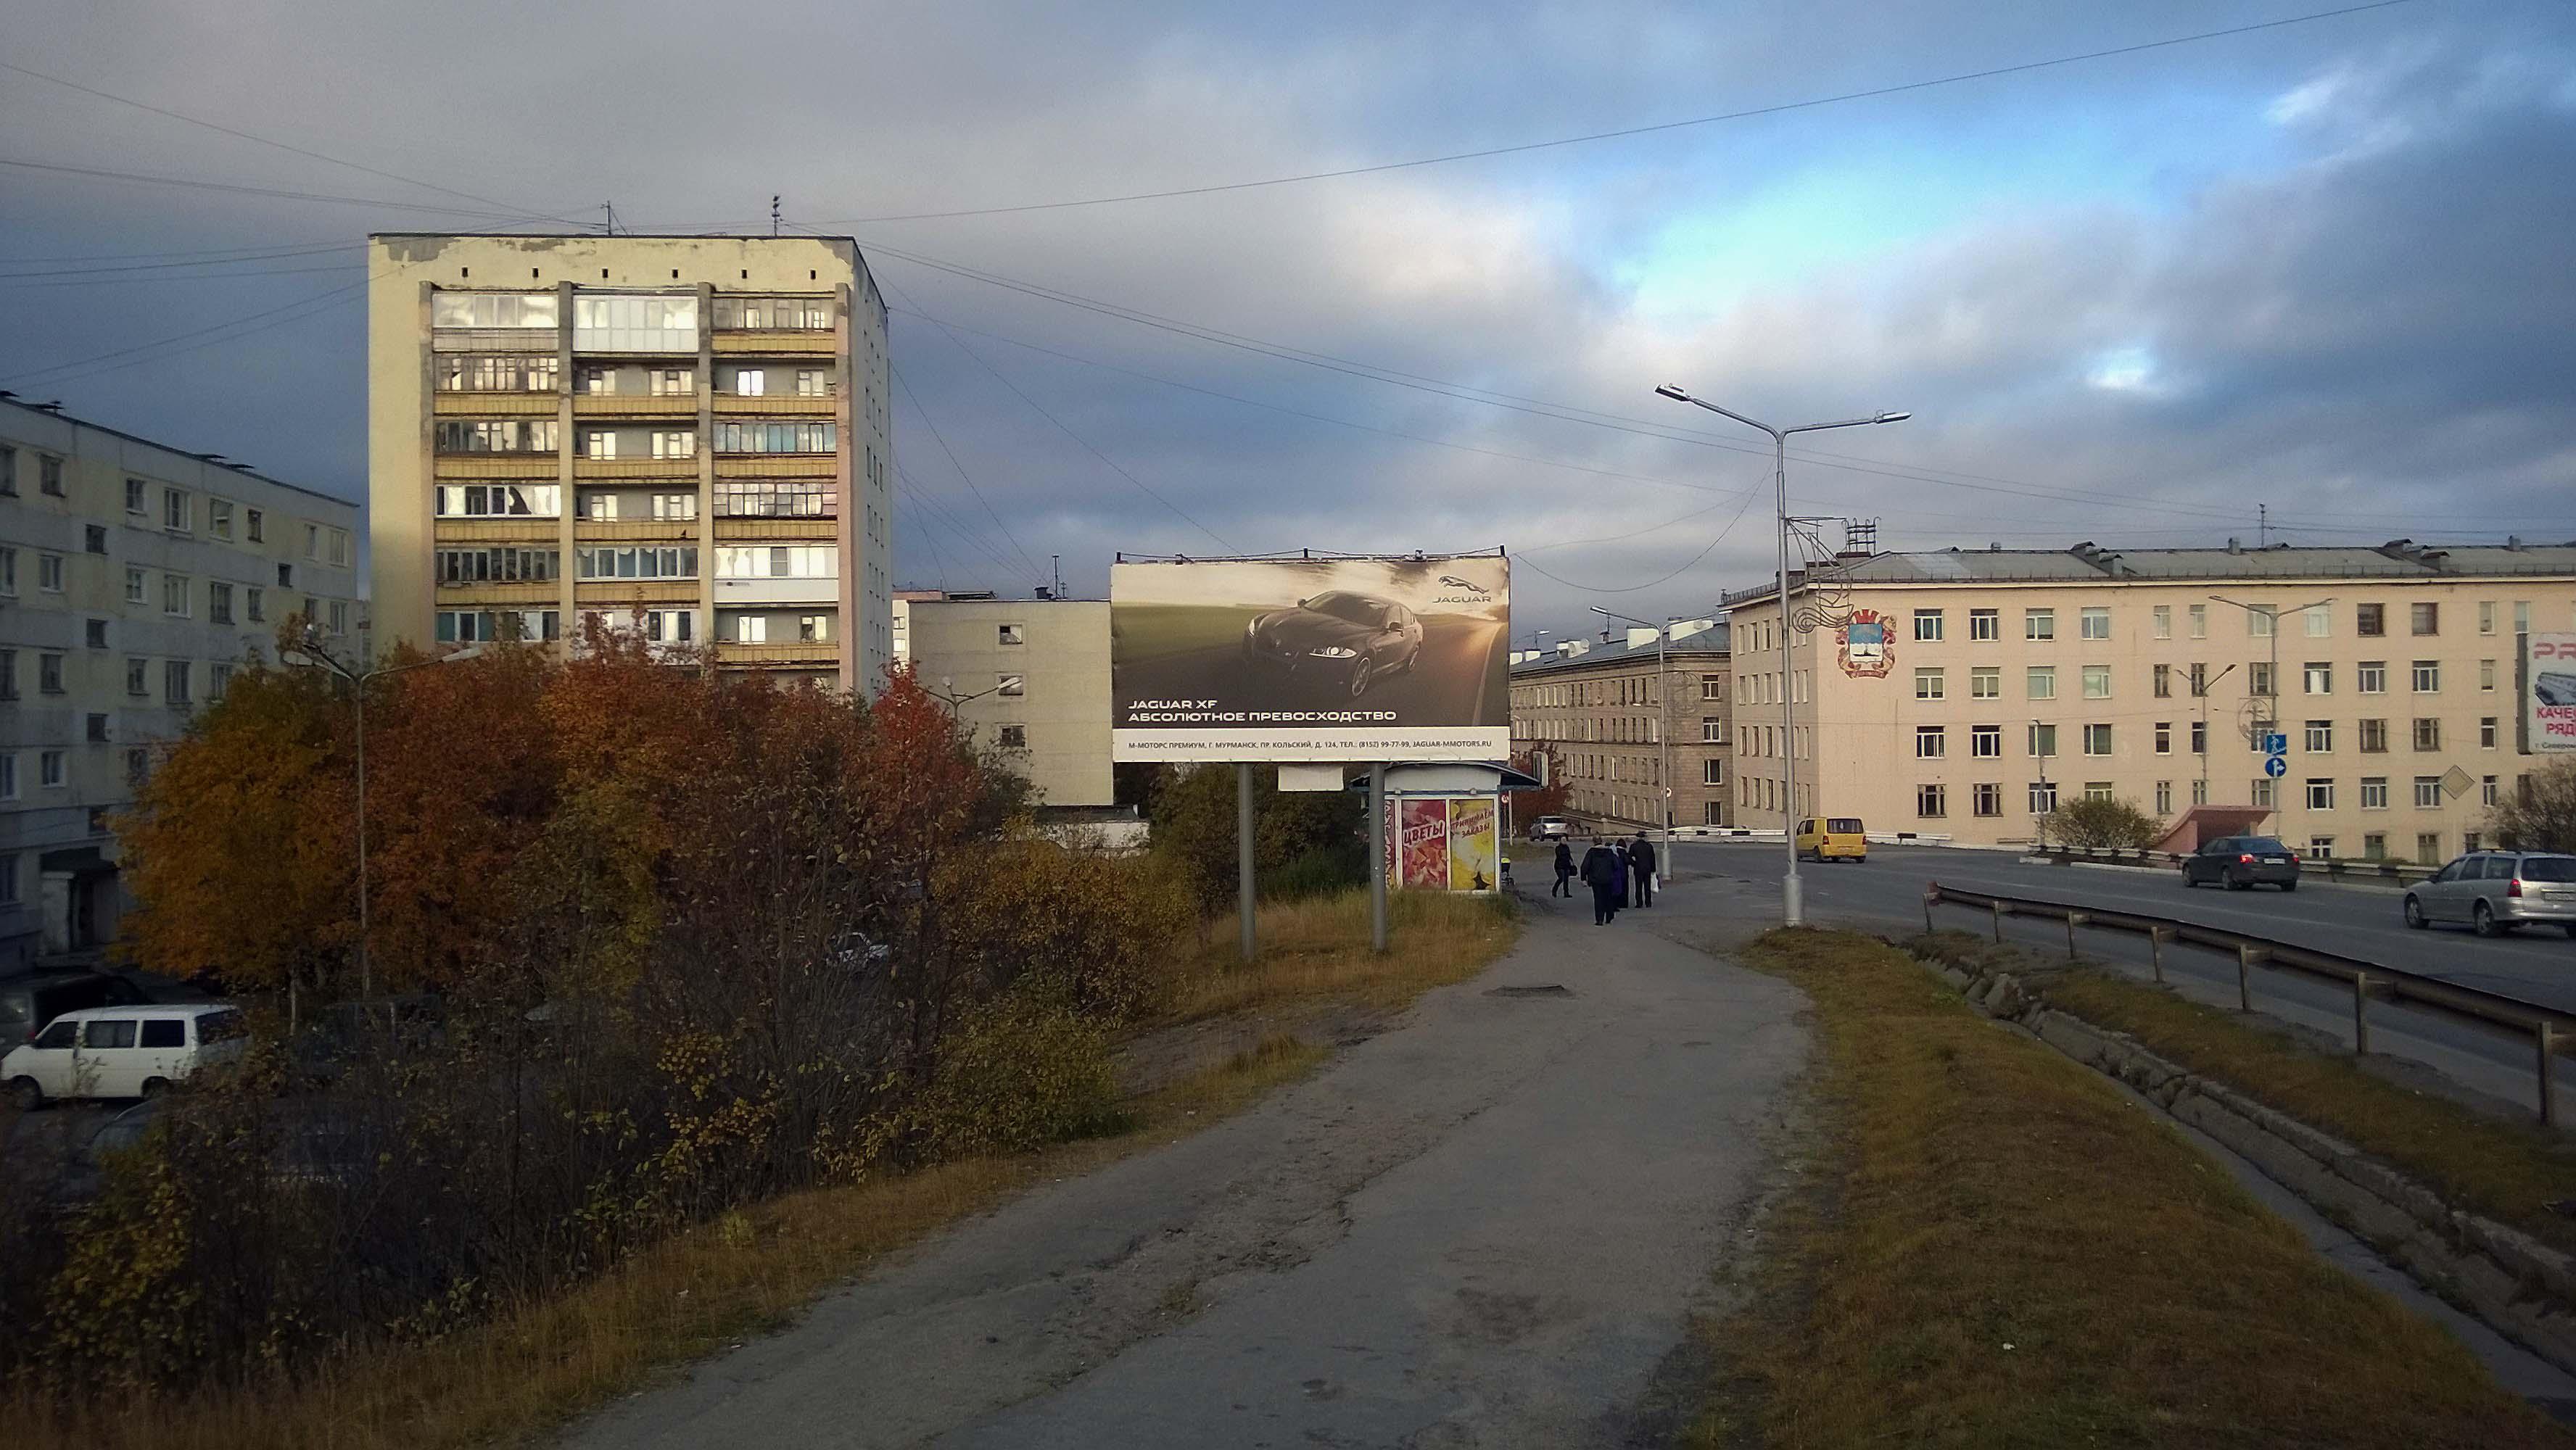 Продвижение сайта в Североморск картинг клуб раскрутка сайтов екатеринбург